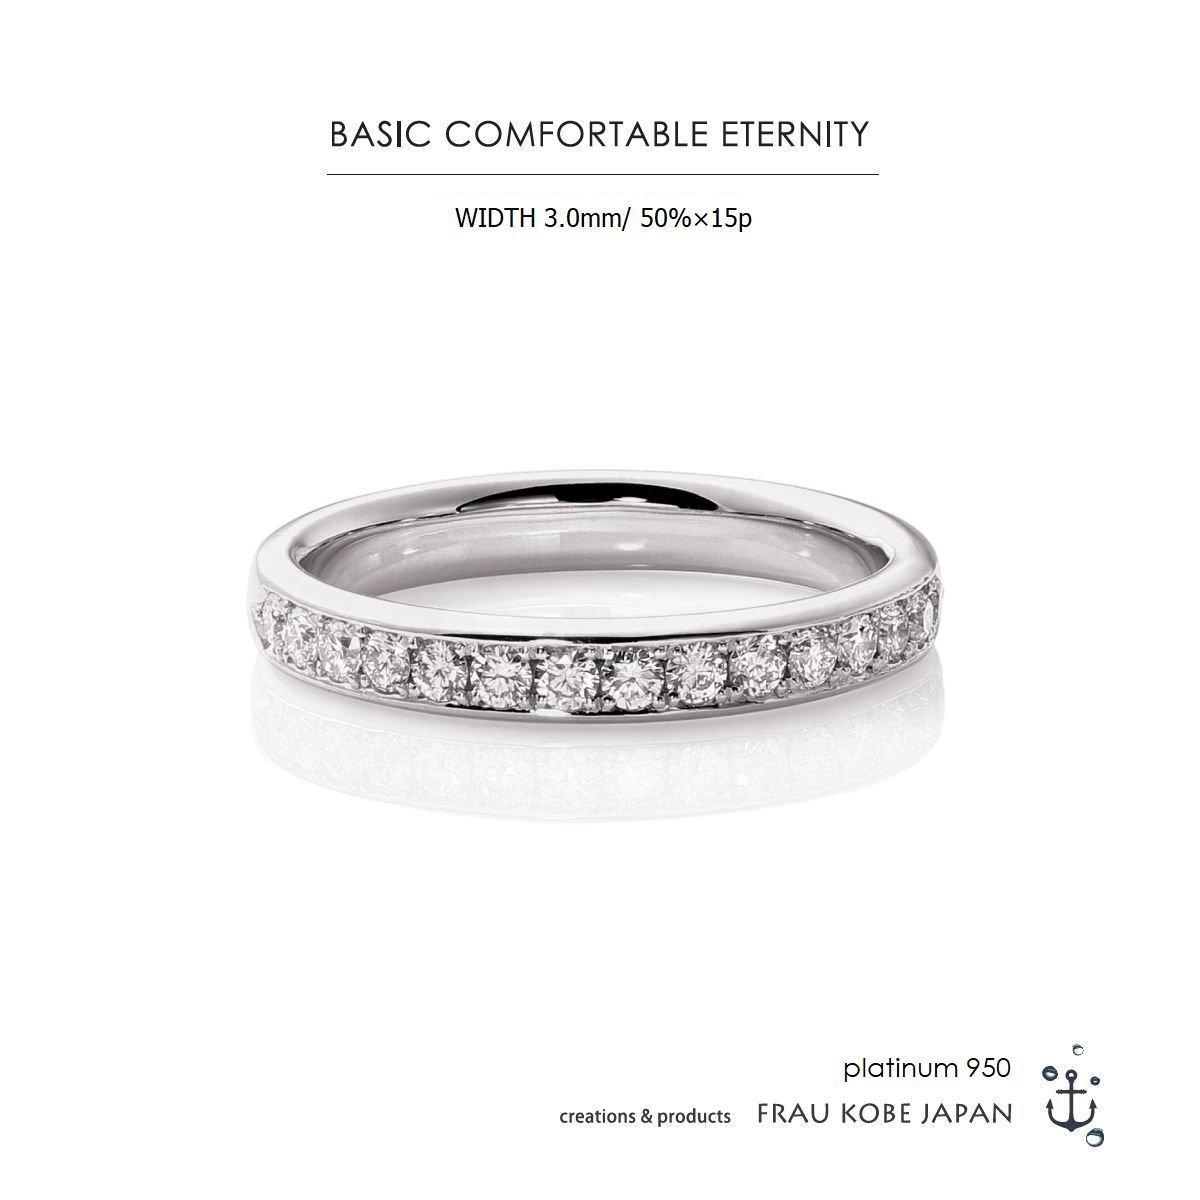 「BASIC COMFORTABLE ETERNITY」エタニティリング3.0mm